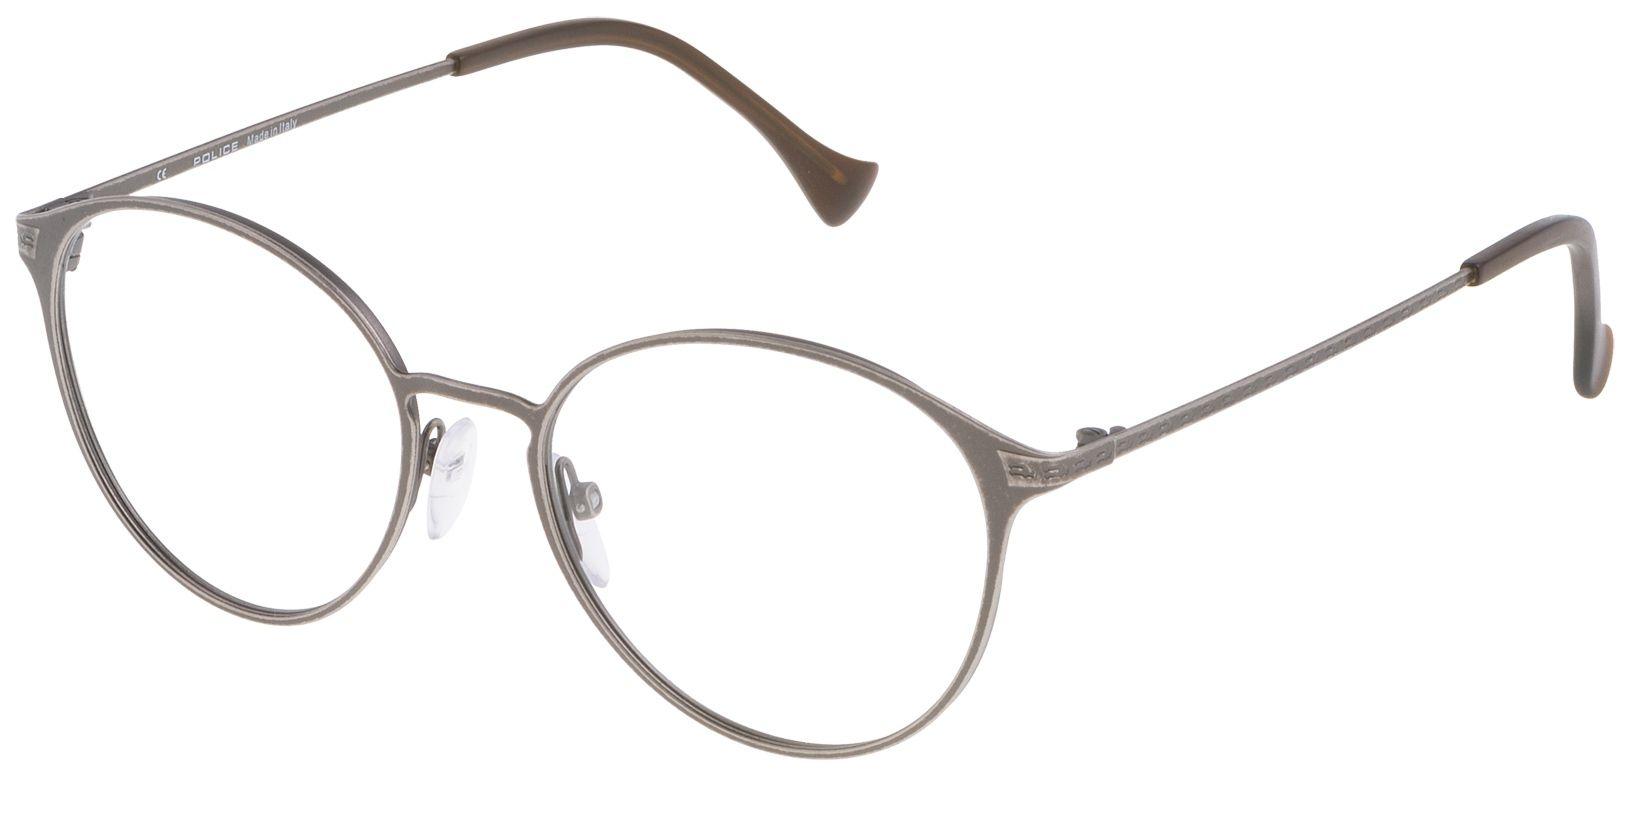 fd7605d6d7 POLICE V 041 #Police #Gafas #GafasGraduadas #GafasDeVista #Hombre  #EyeLenses #EyeGlasses #Eyewear #Man